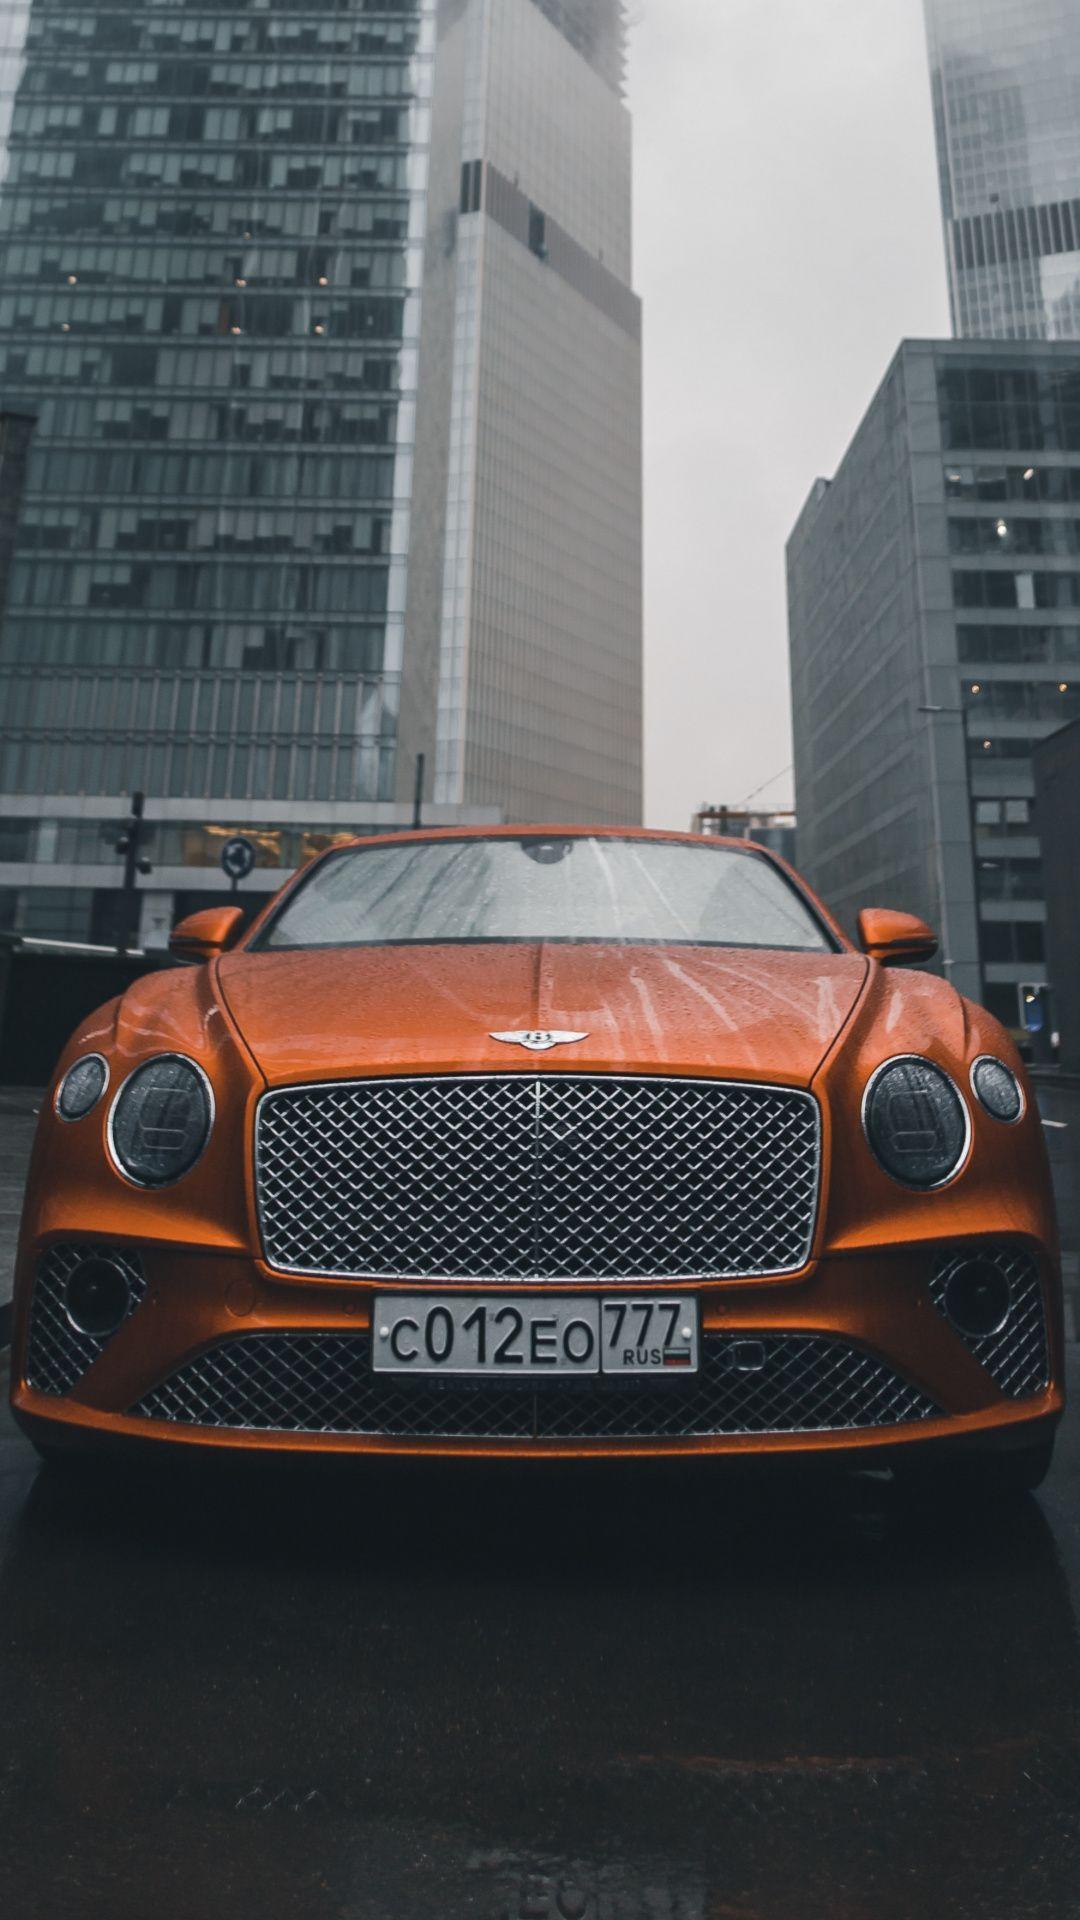 1080x1920 Bentley Luxury Car Orange Wallpaper Bentley Car Orange Wallpaper Luxury Car Photos